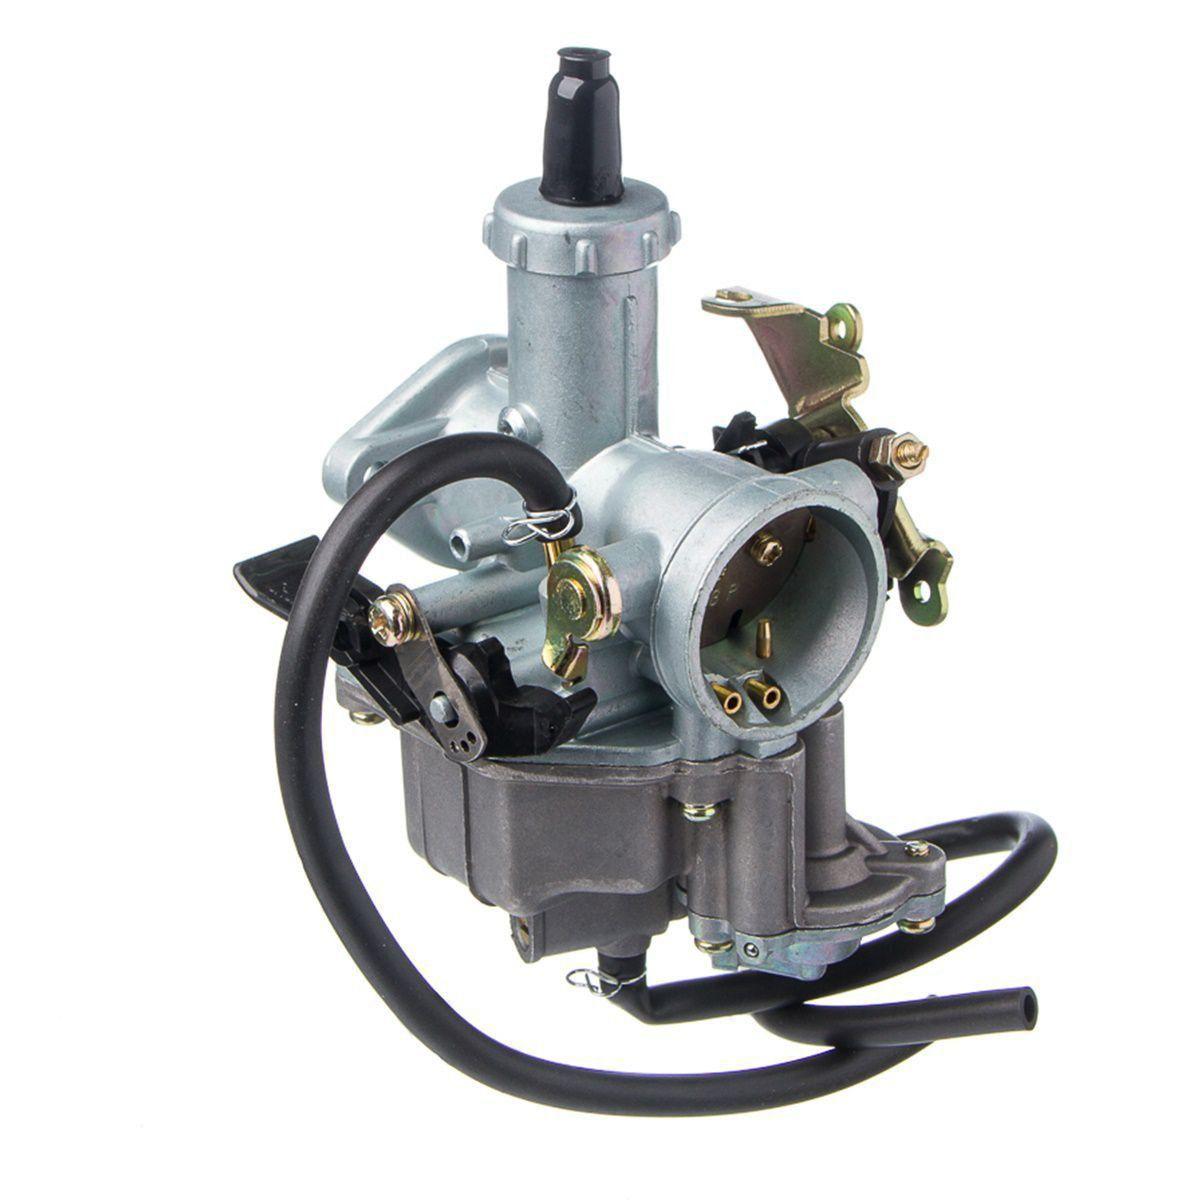 Carburador Completo Gp Cg 125 95 A 99